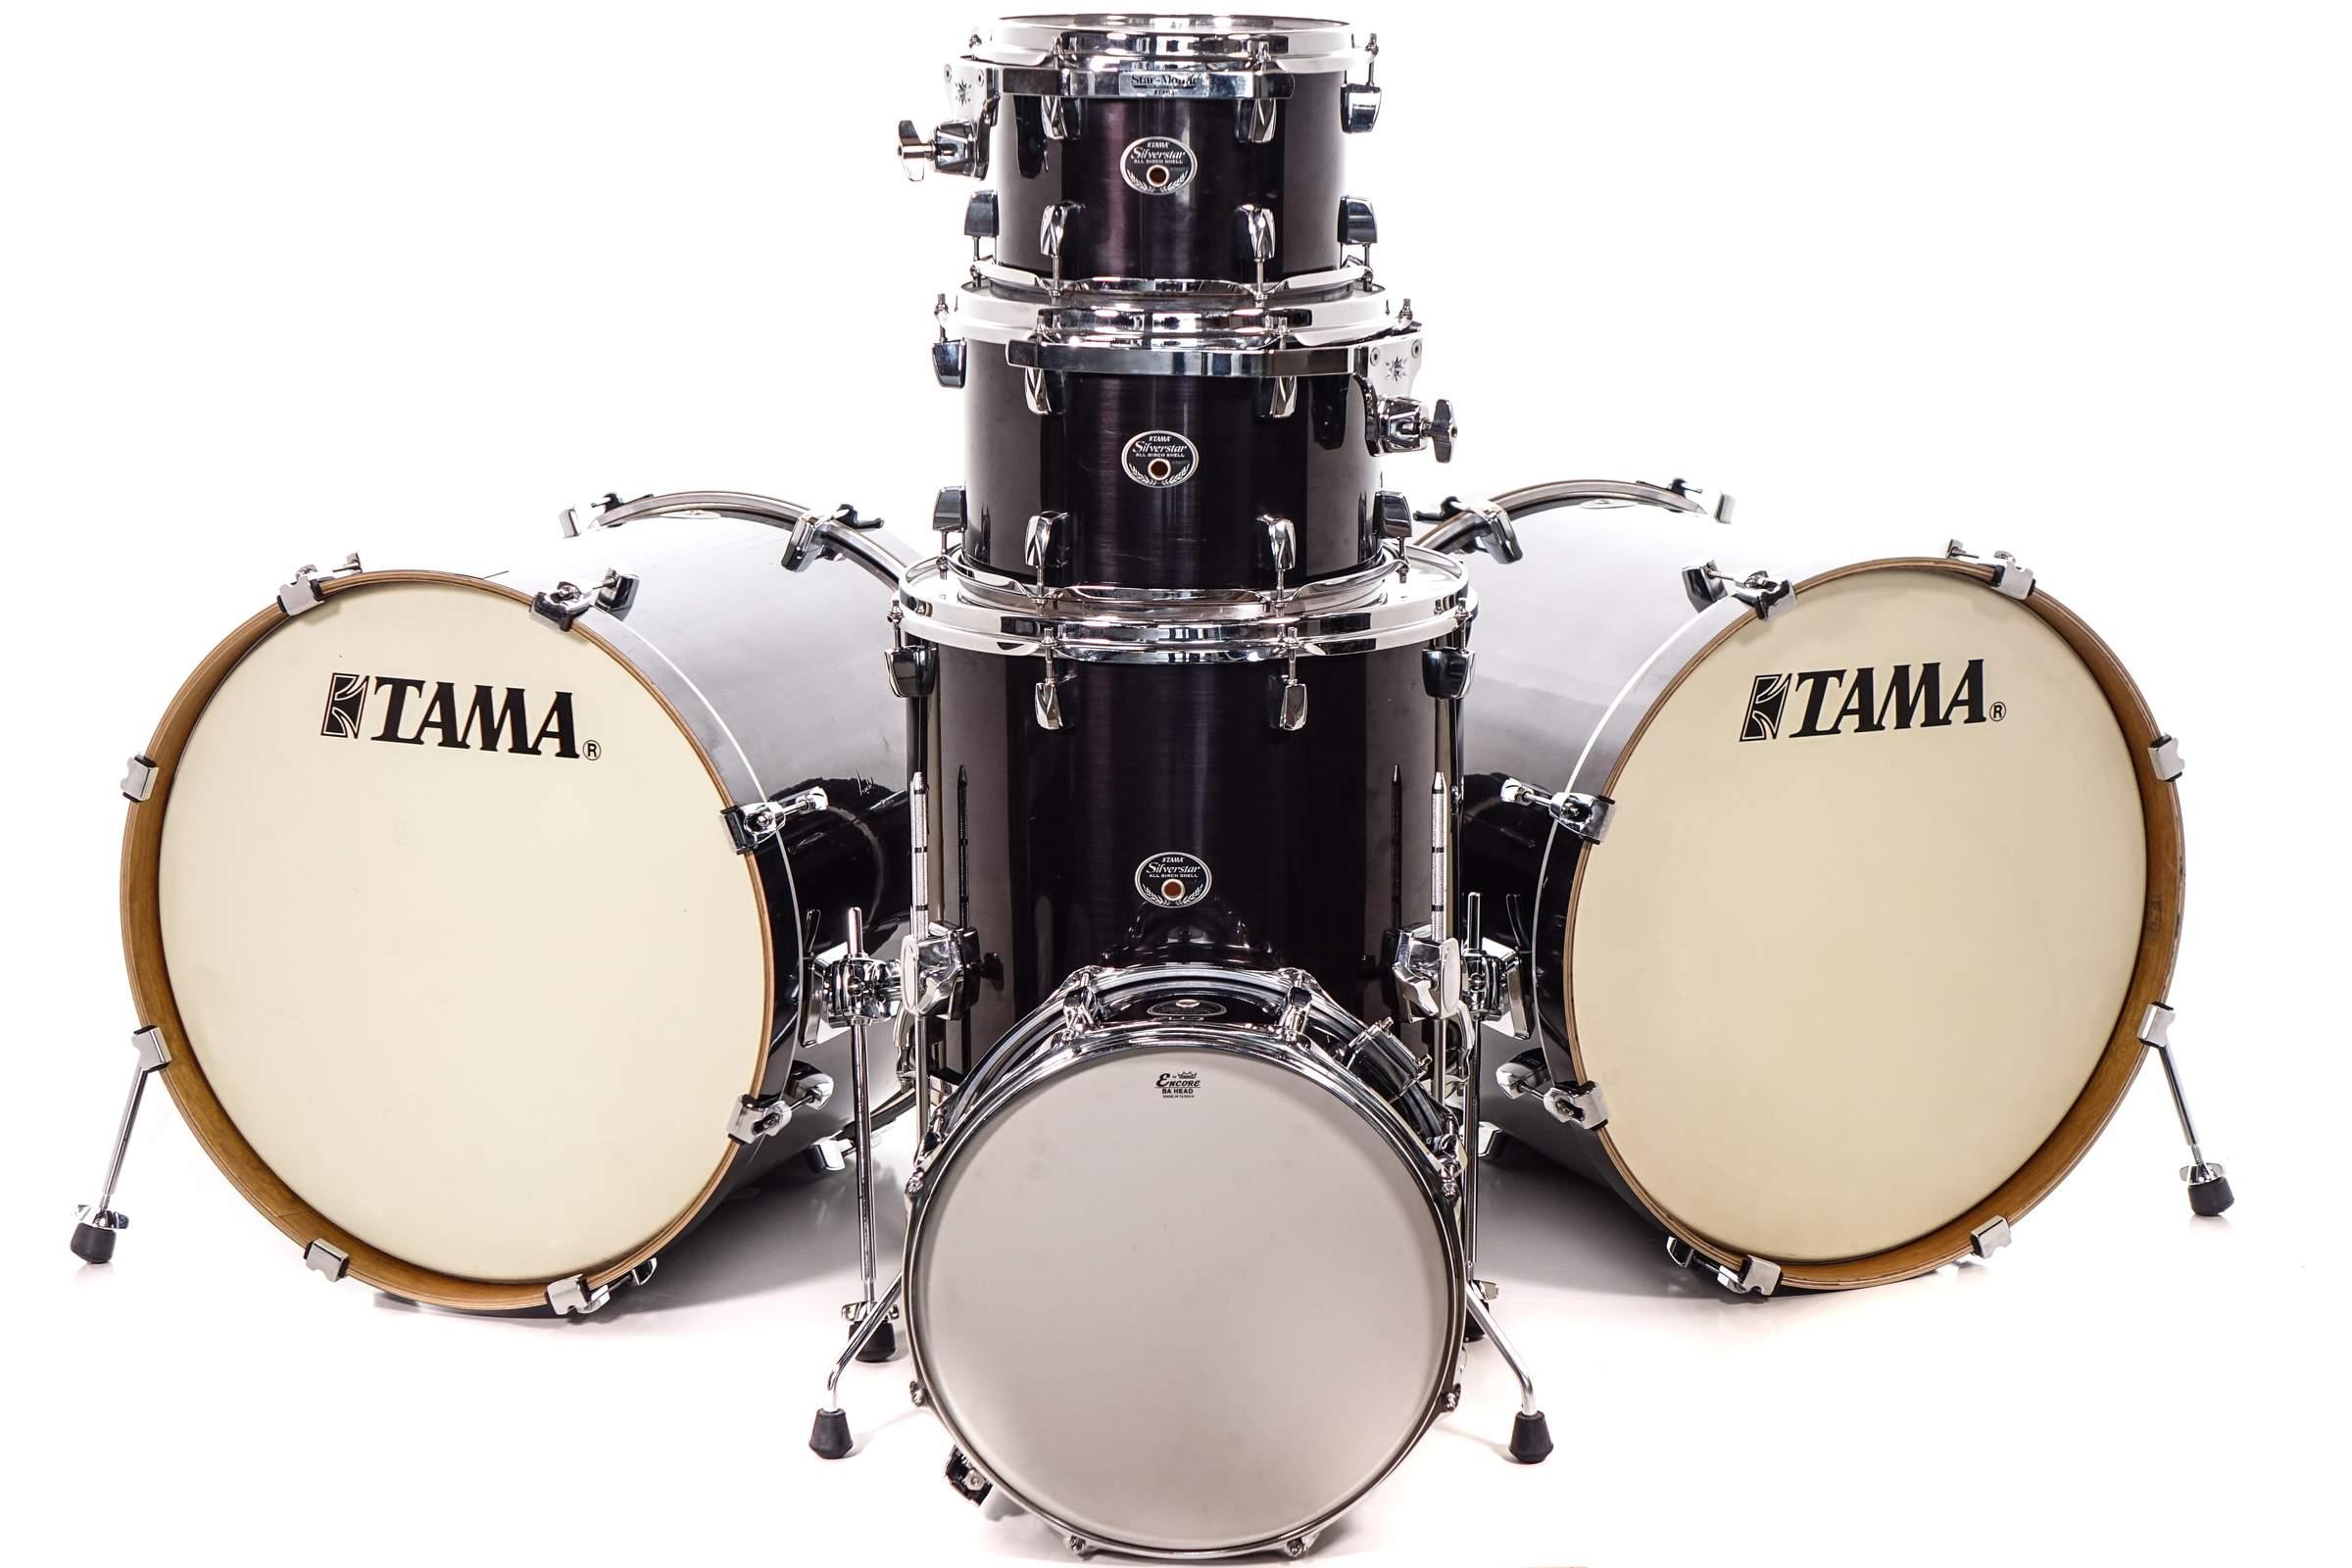 1c2488ca634b Tama Silverstar Double Bass Kit - Tama Silverstar Double Bass Kit ...